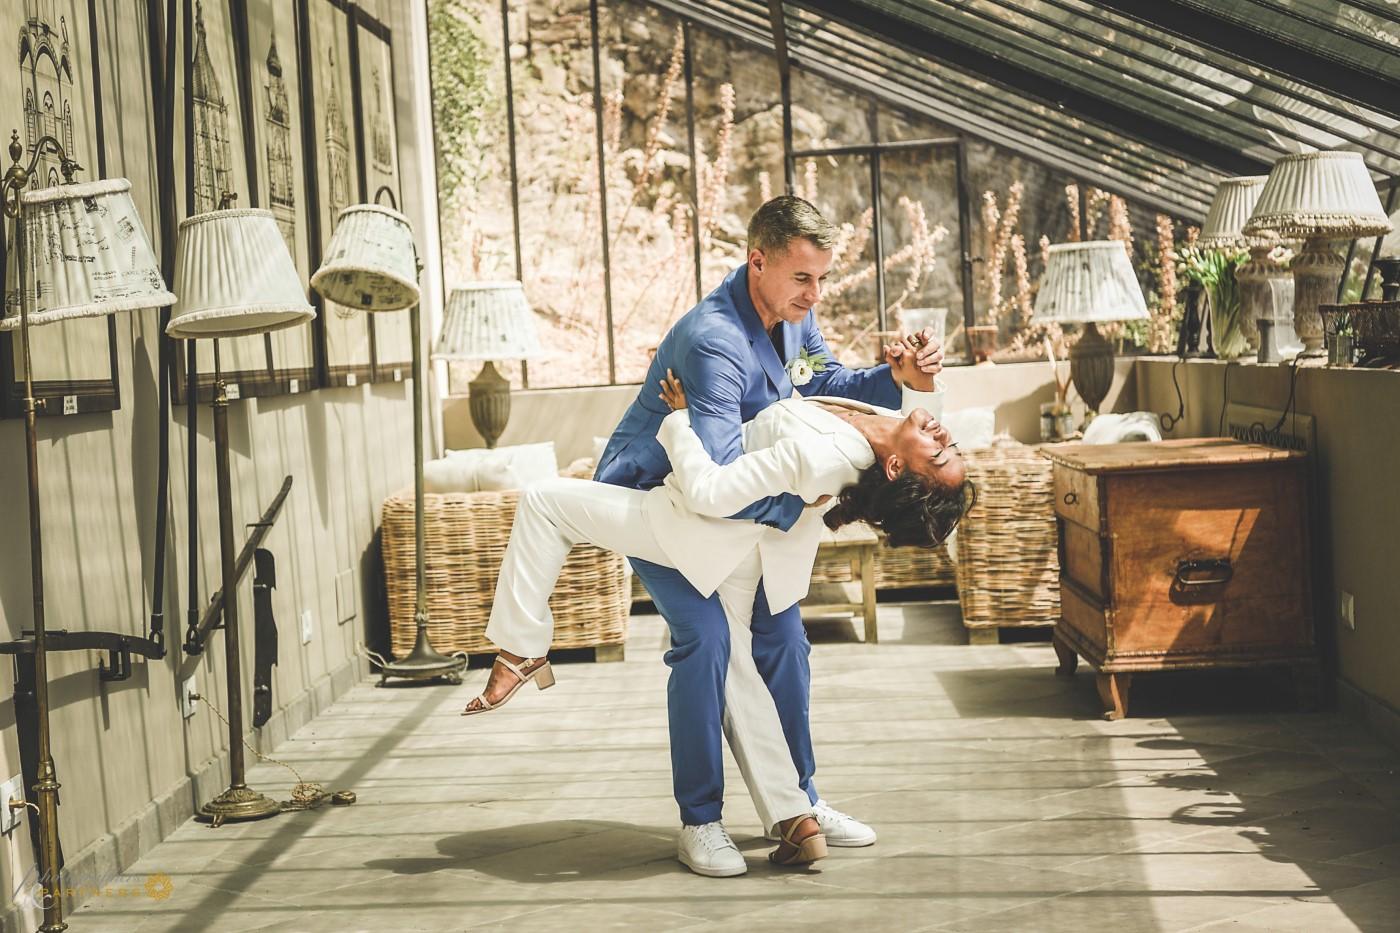 A passionate dance.